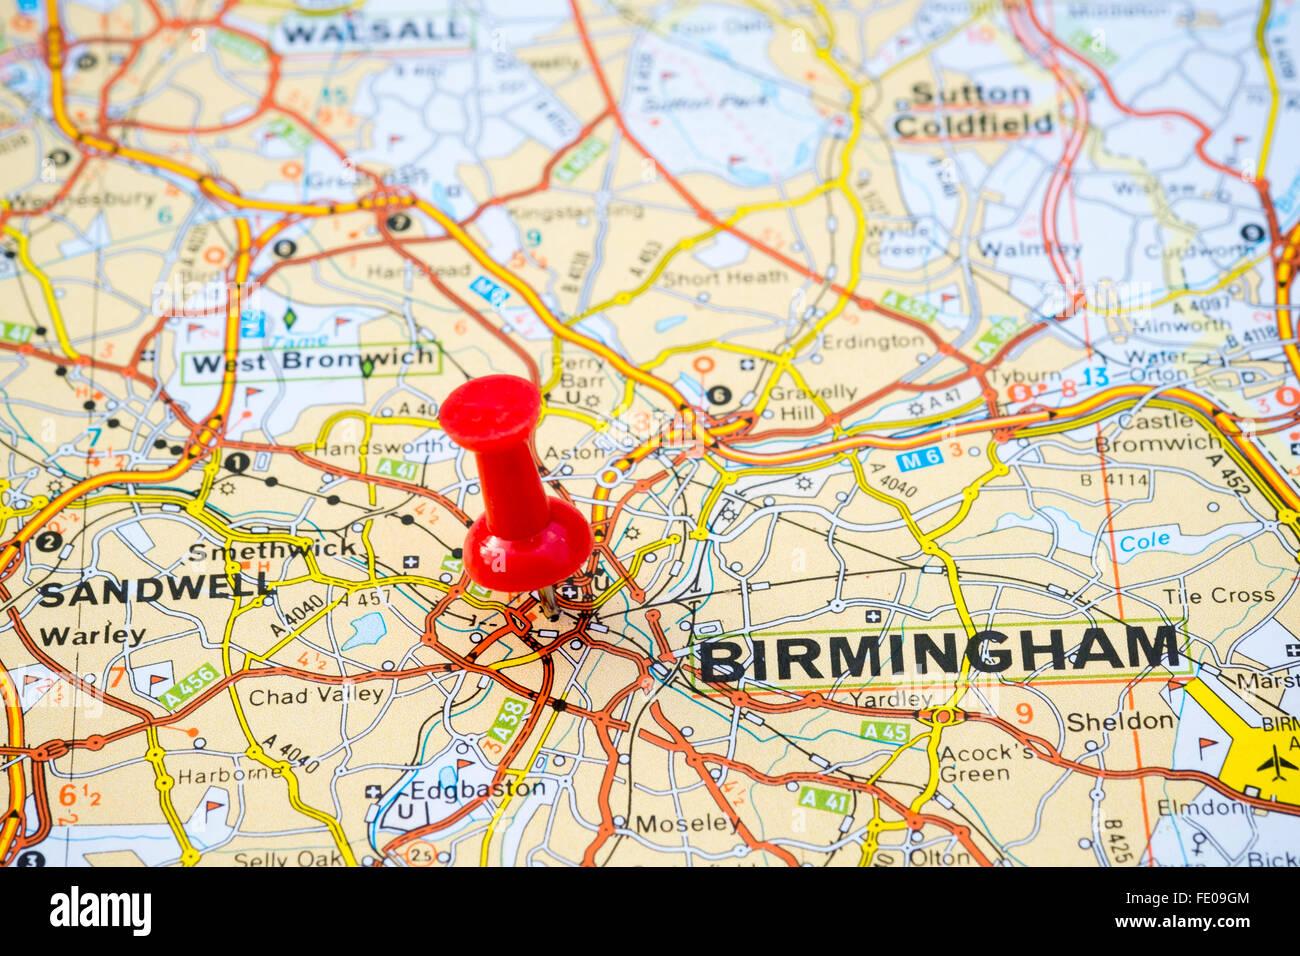 Birmingham Karte.Karte Pin Markieren Von Birmingham City Vereinigte Staaten